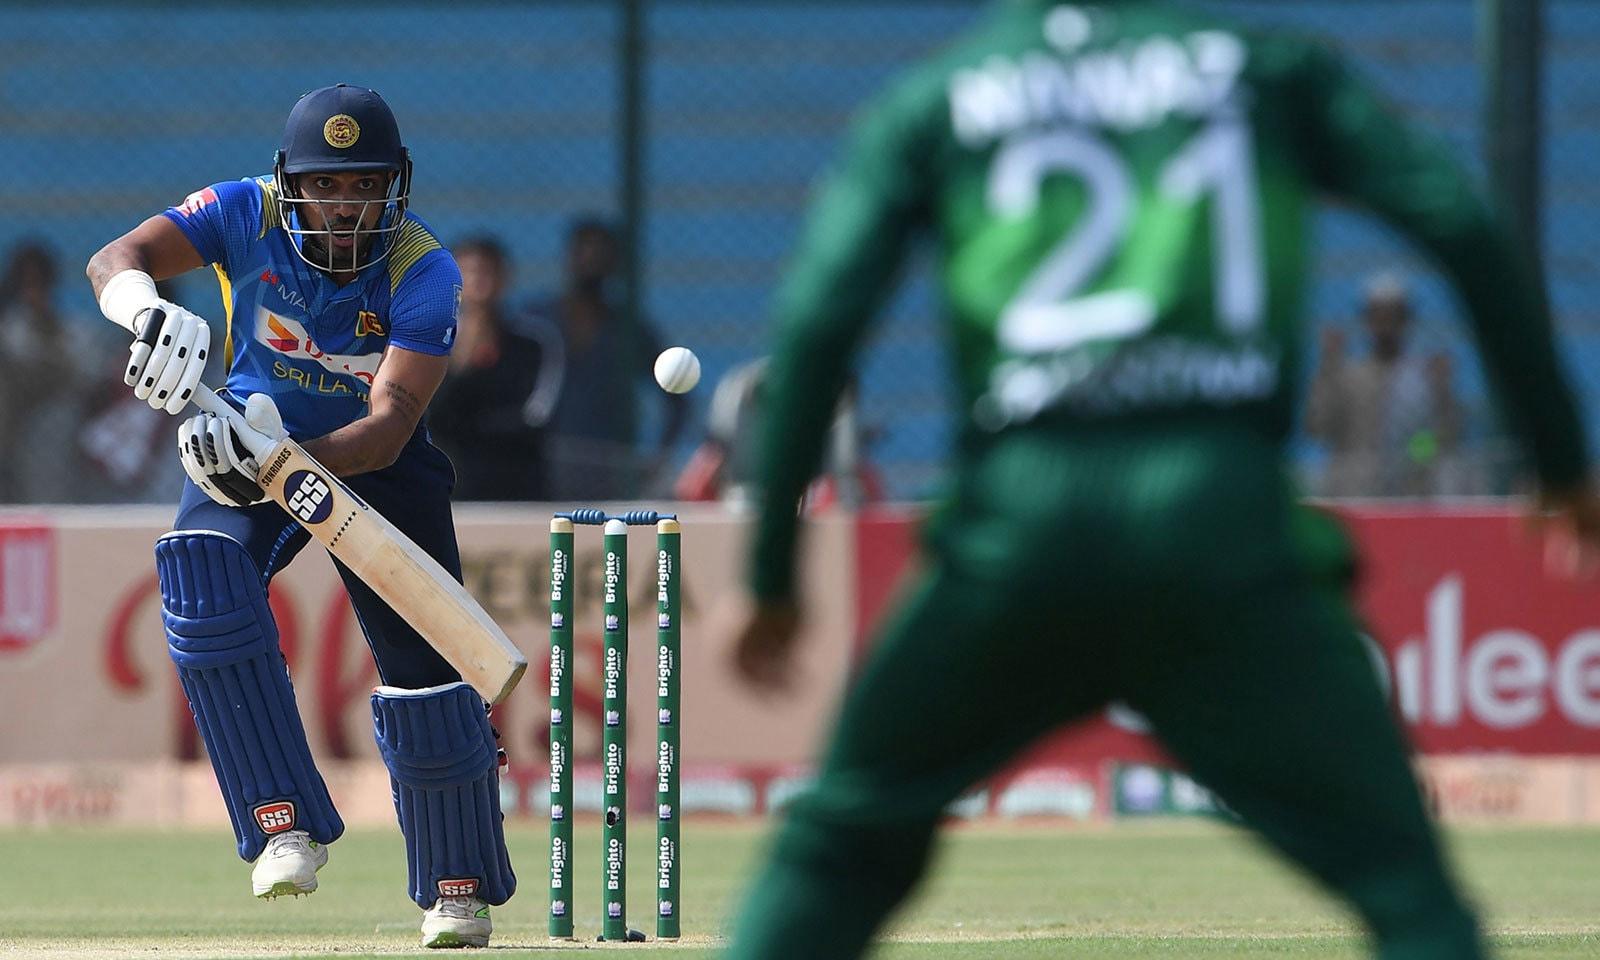 محمد عامر نے سری لنکا کی پہلی وکٹ گرائی—فوٹو:اے ایف پی